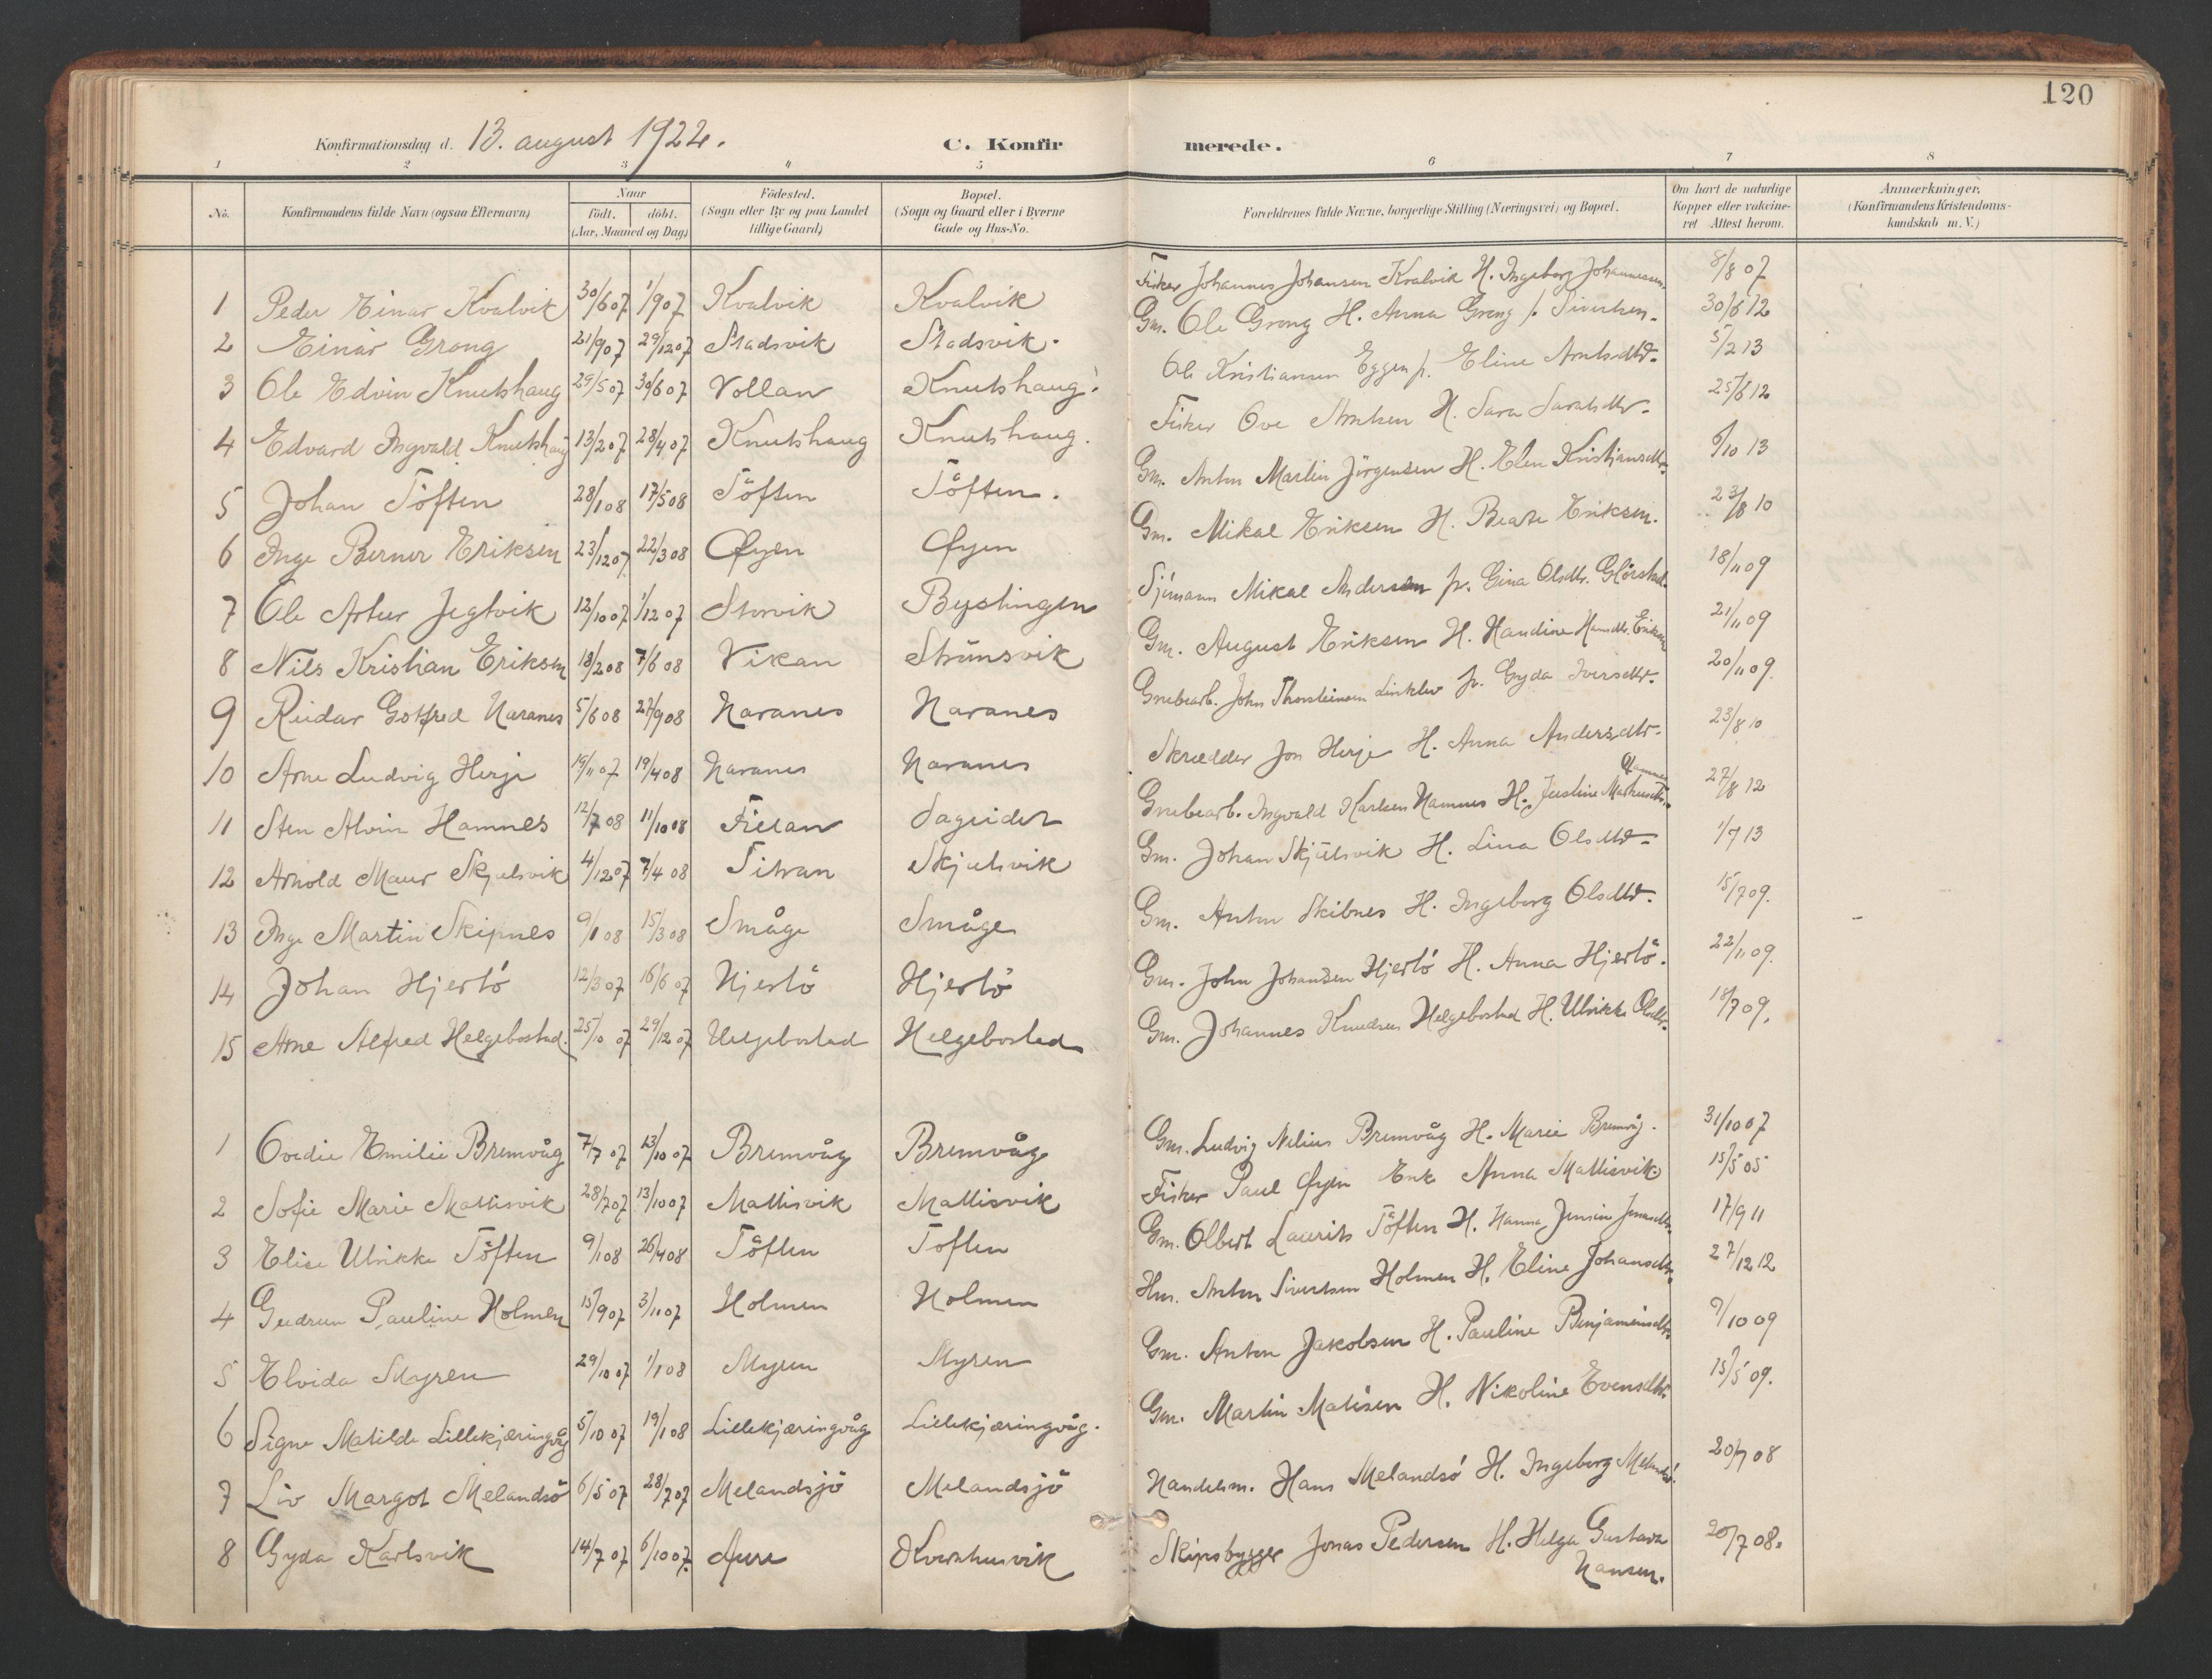 SAT, Ministerialprotokoller, klokkerbøker og fødselsregistre - Sør-Trøndelag, 634/L0537: Ministerialbok nr. 634A13, 1896-1922, s. 120